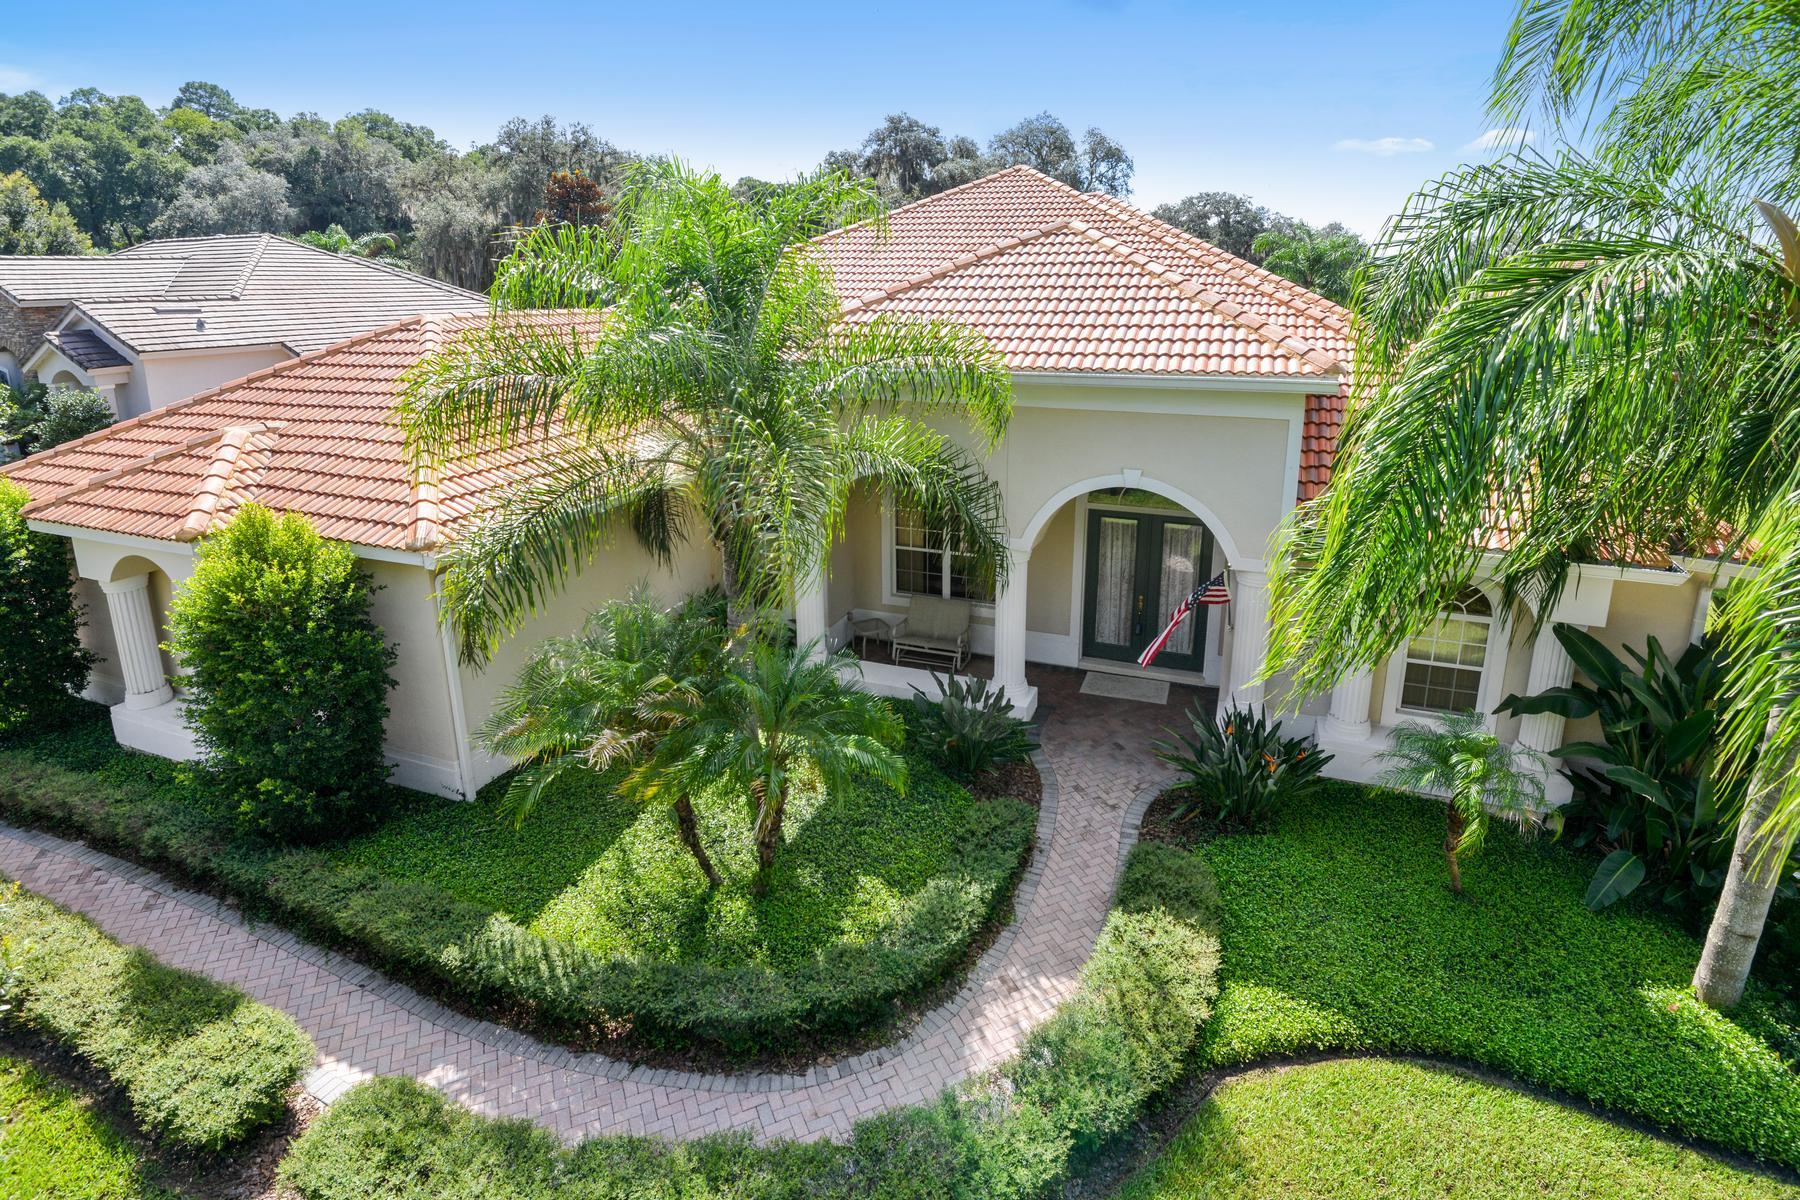 Property For Sale at Sanford, FL